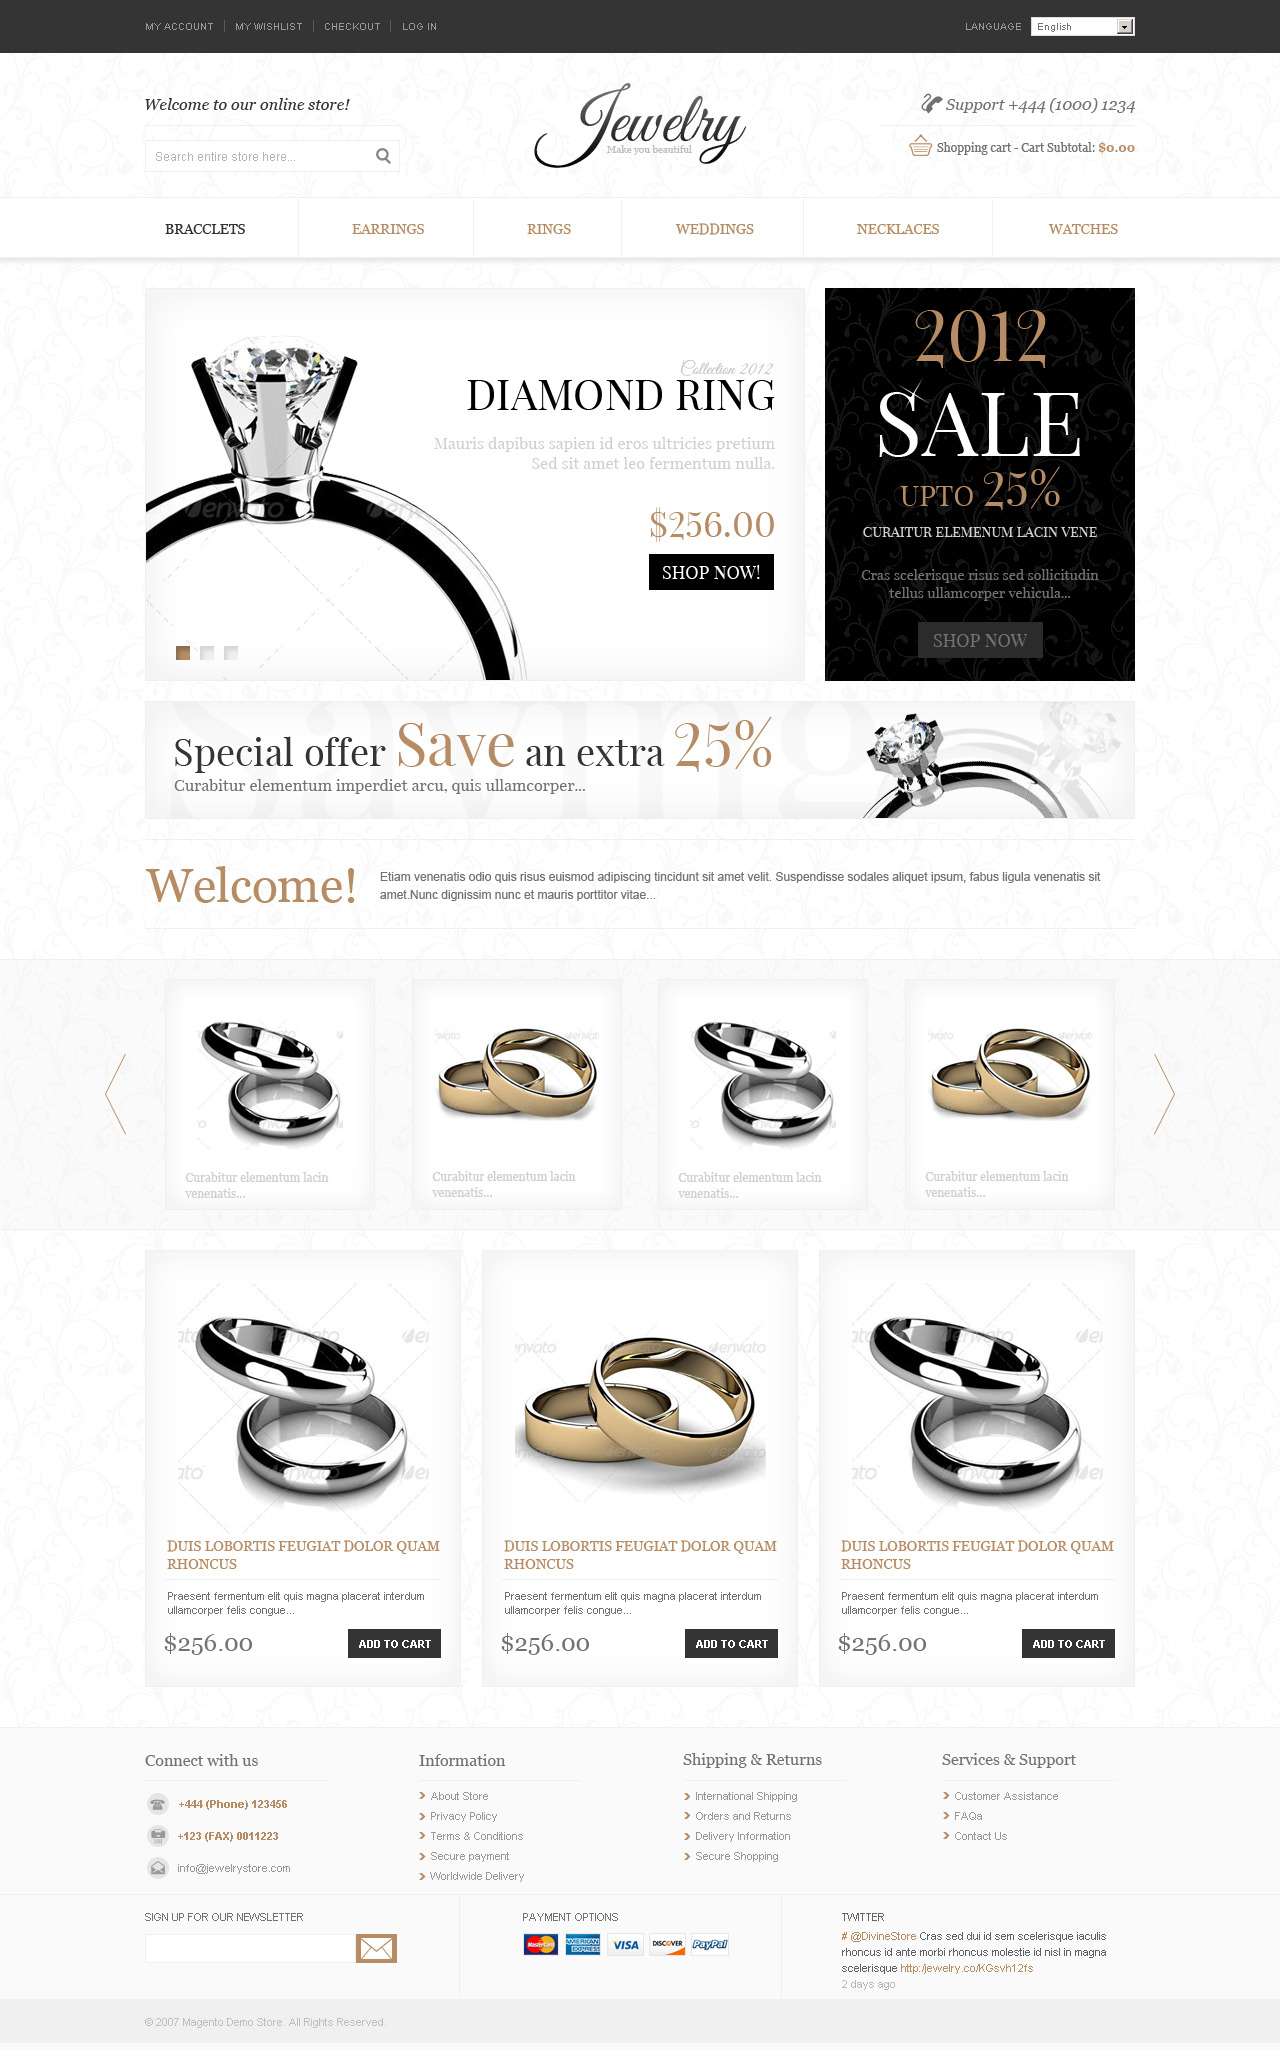 http://3.s3.envato.com/files/26853355/Preview/01_home.jpg